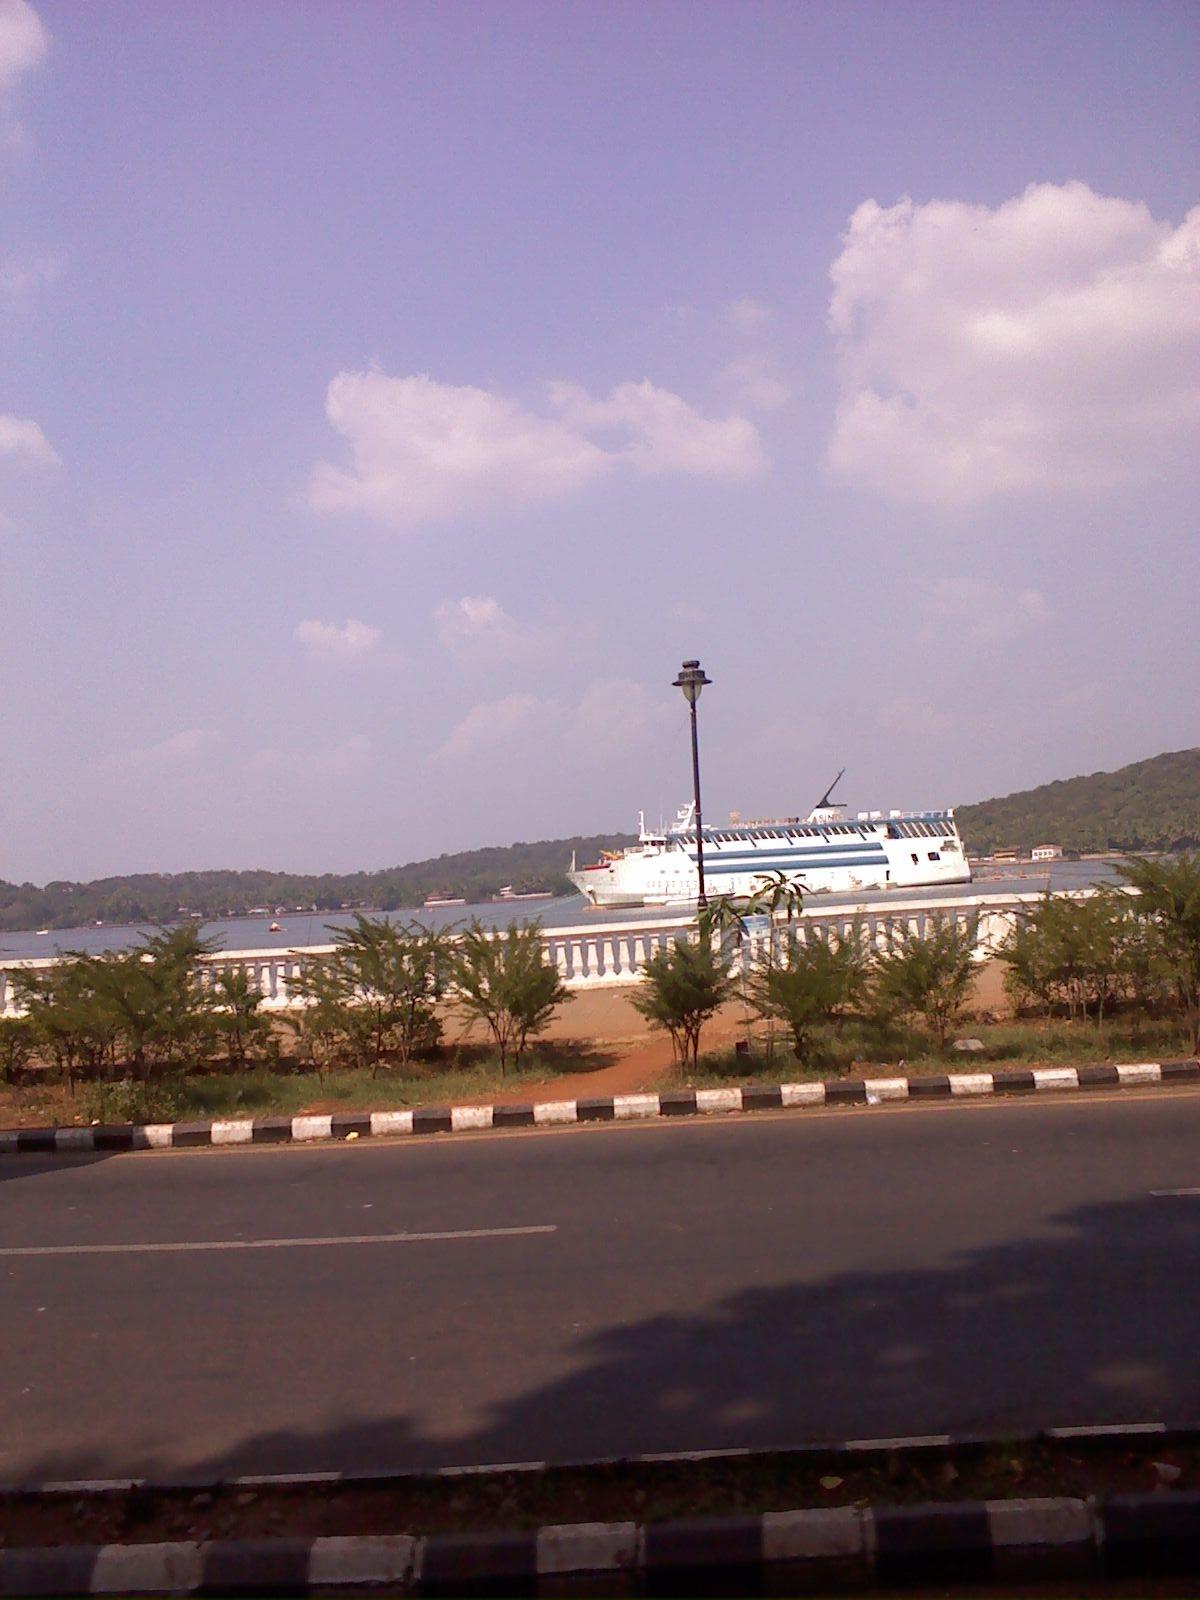 A goan ferry